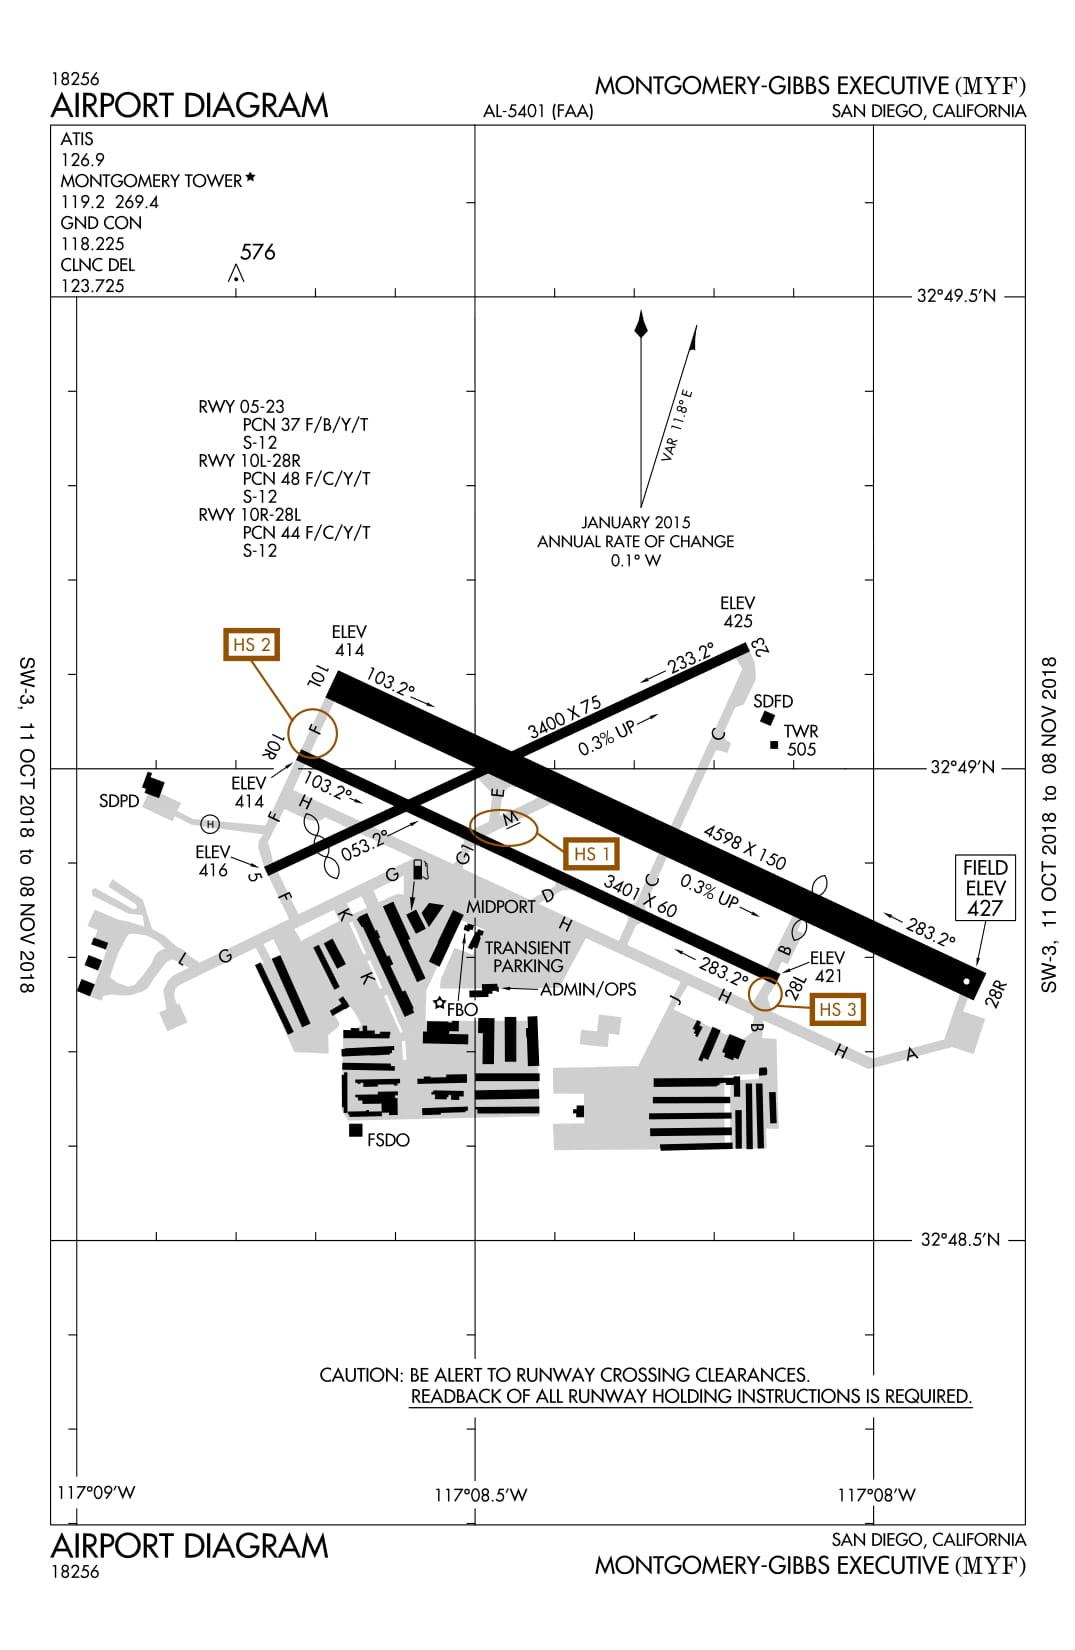 Montgomery-gibbs Executive Airport